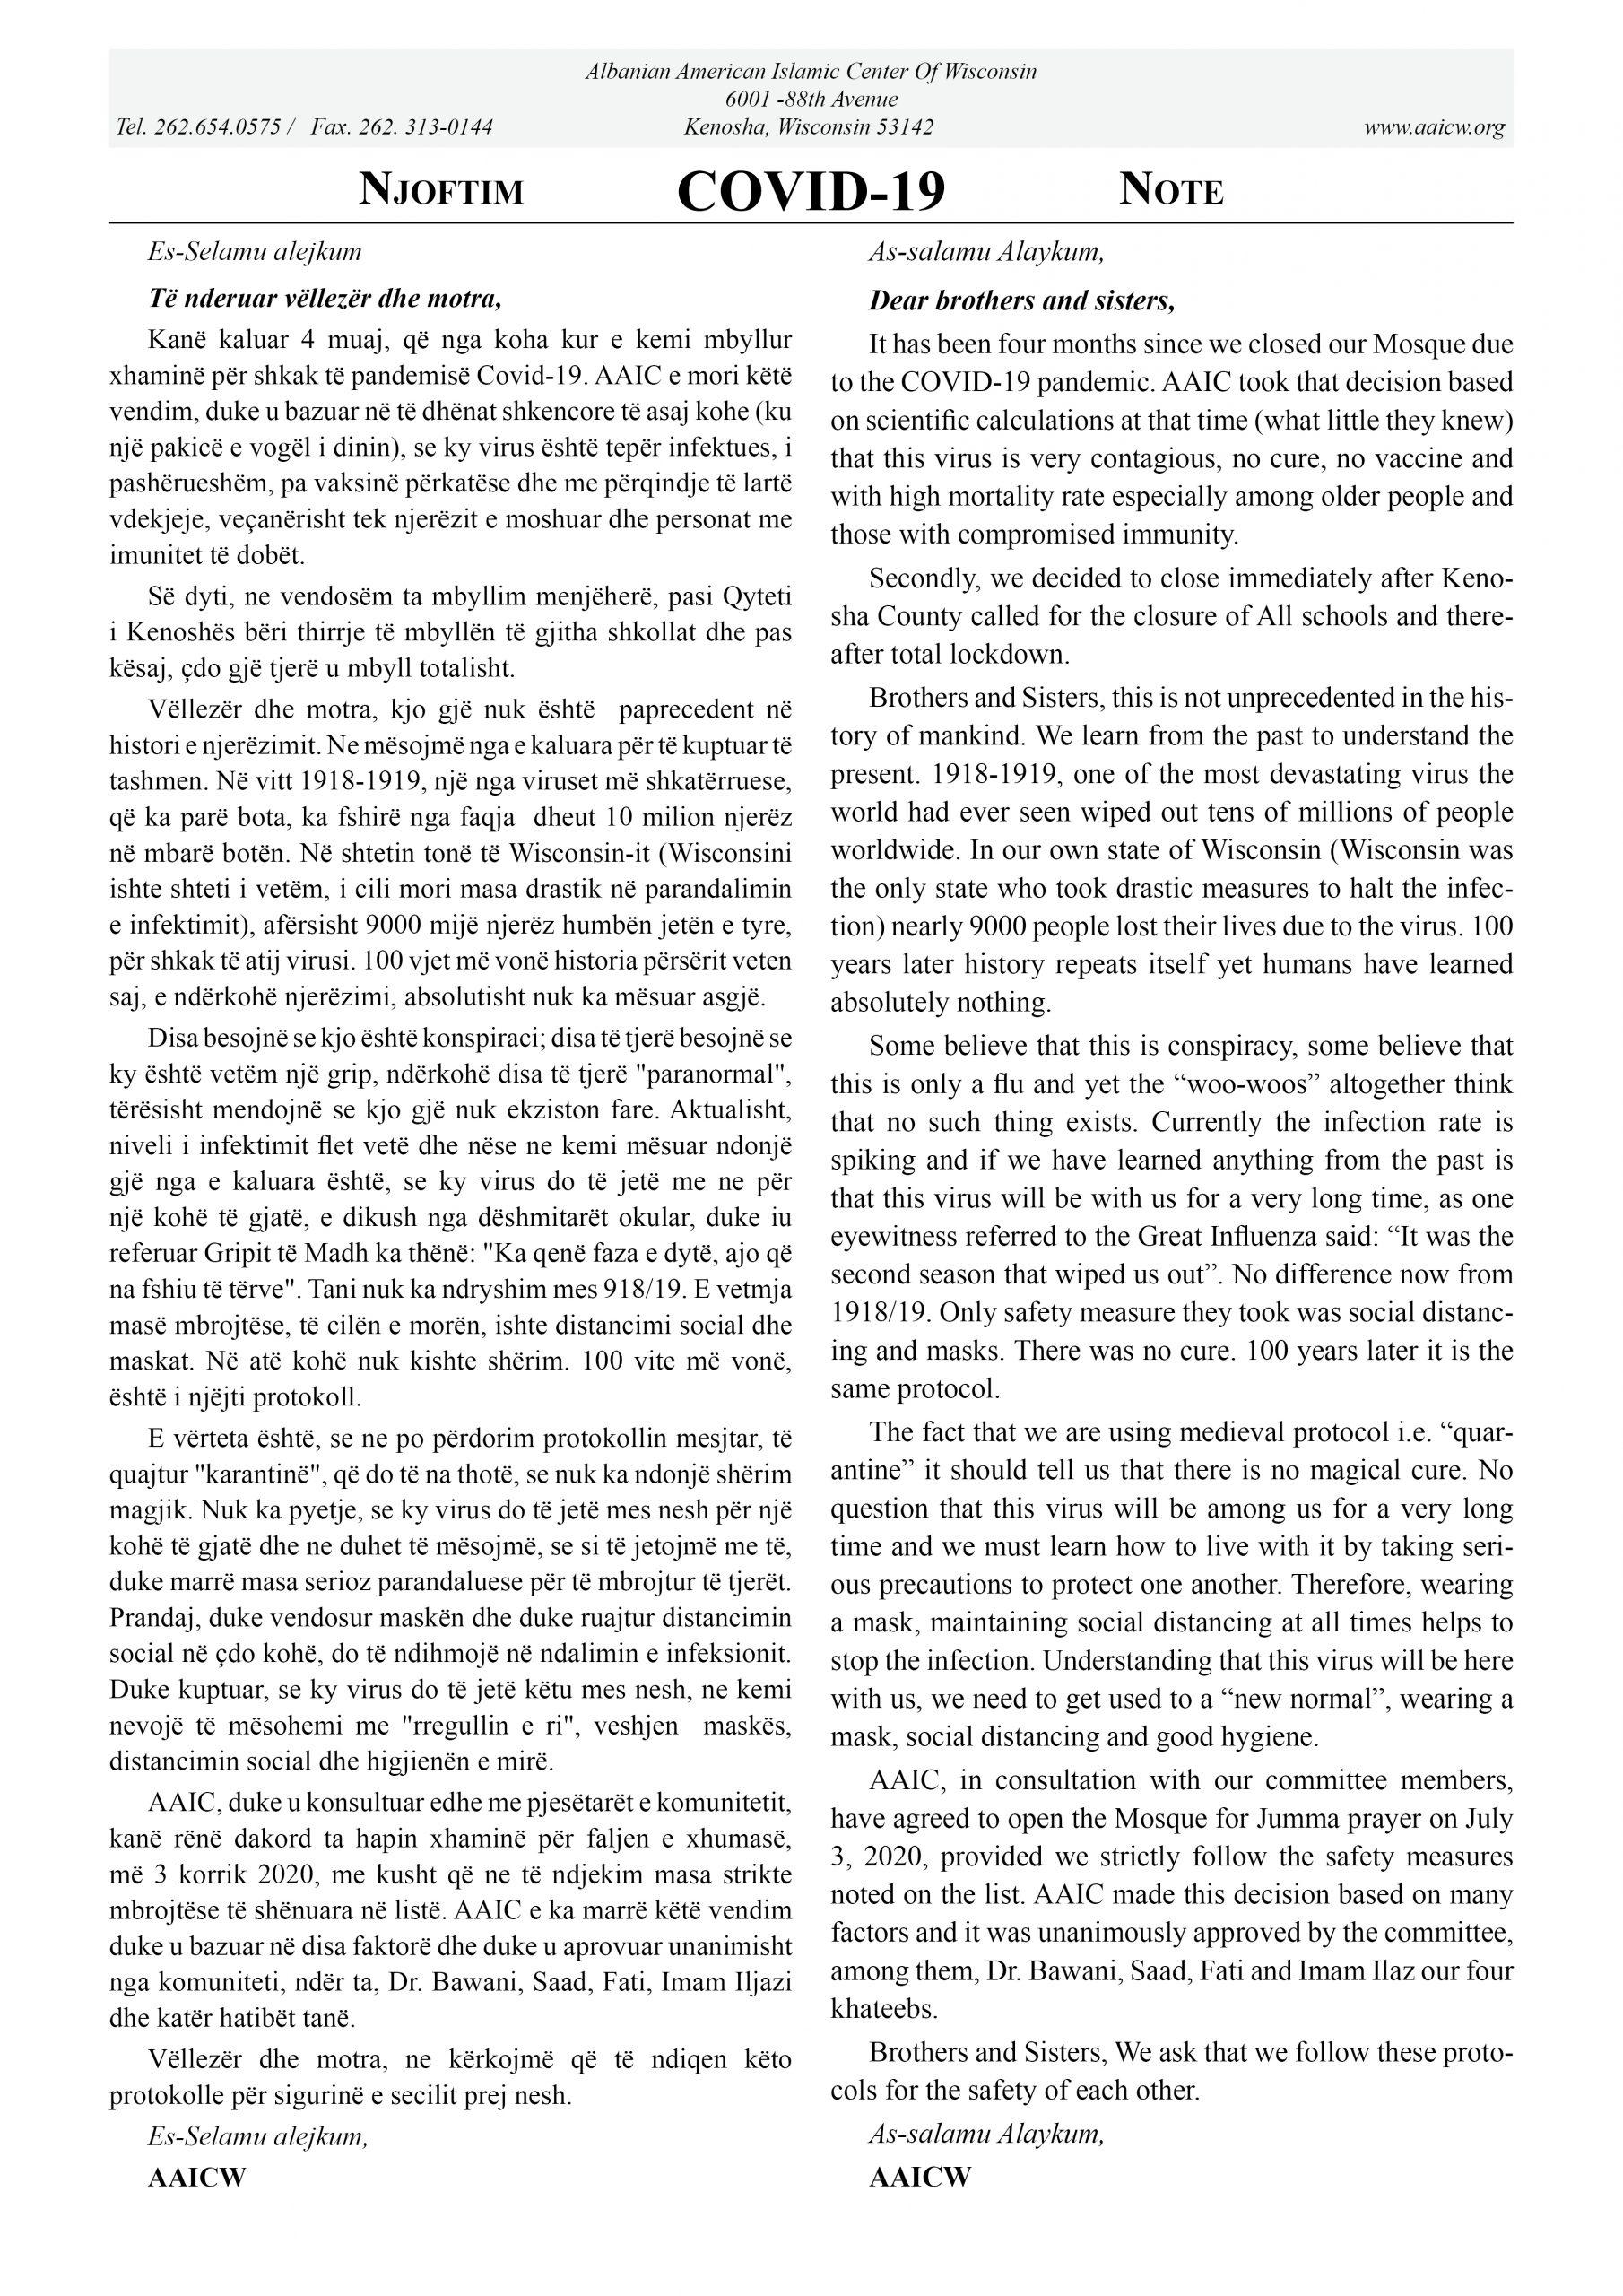 AAICW-NJOFTIM-NOTE-RIHAPJA-REOPEN-XHAMIS-MOSQUE